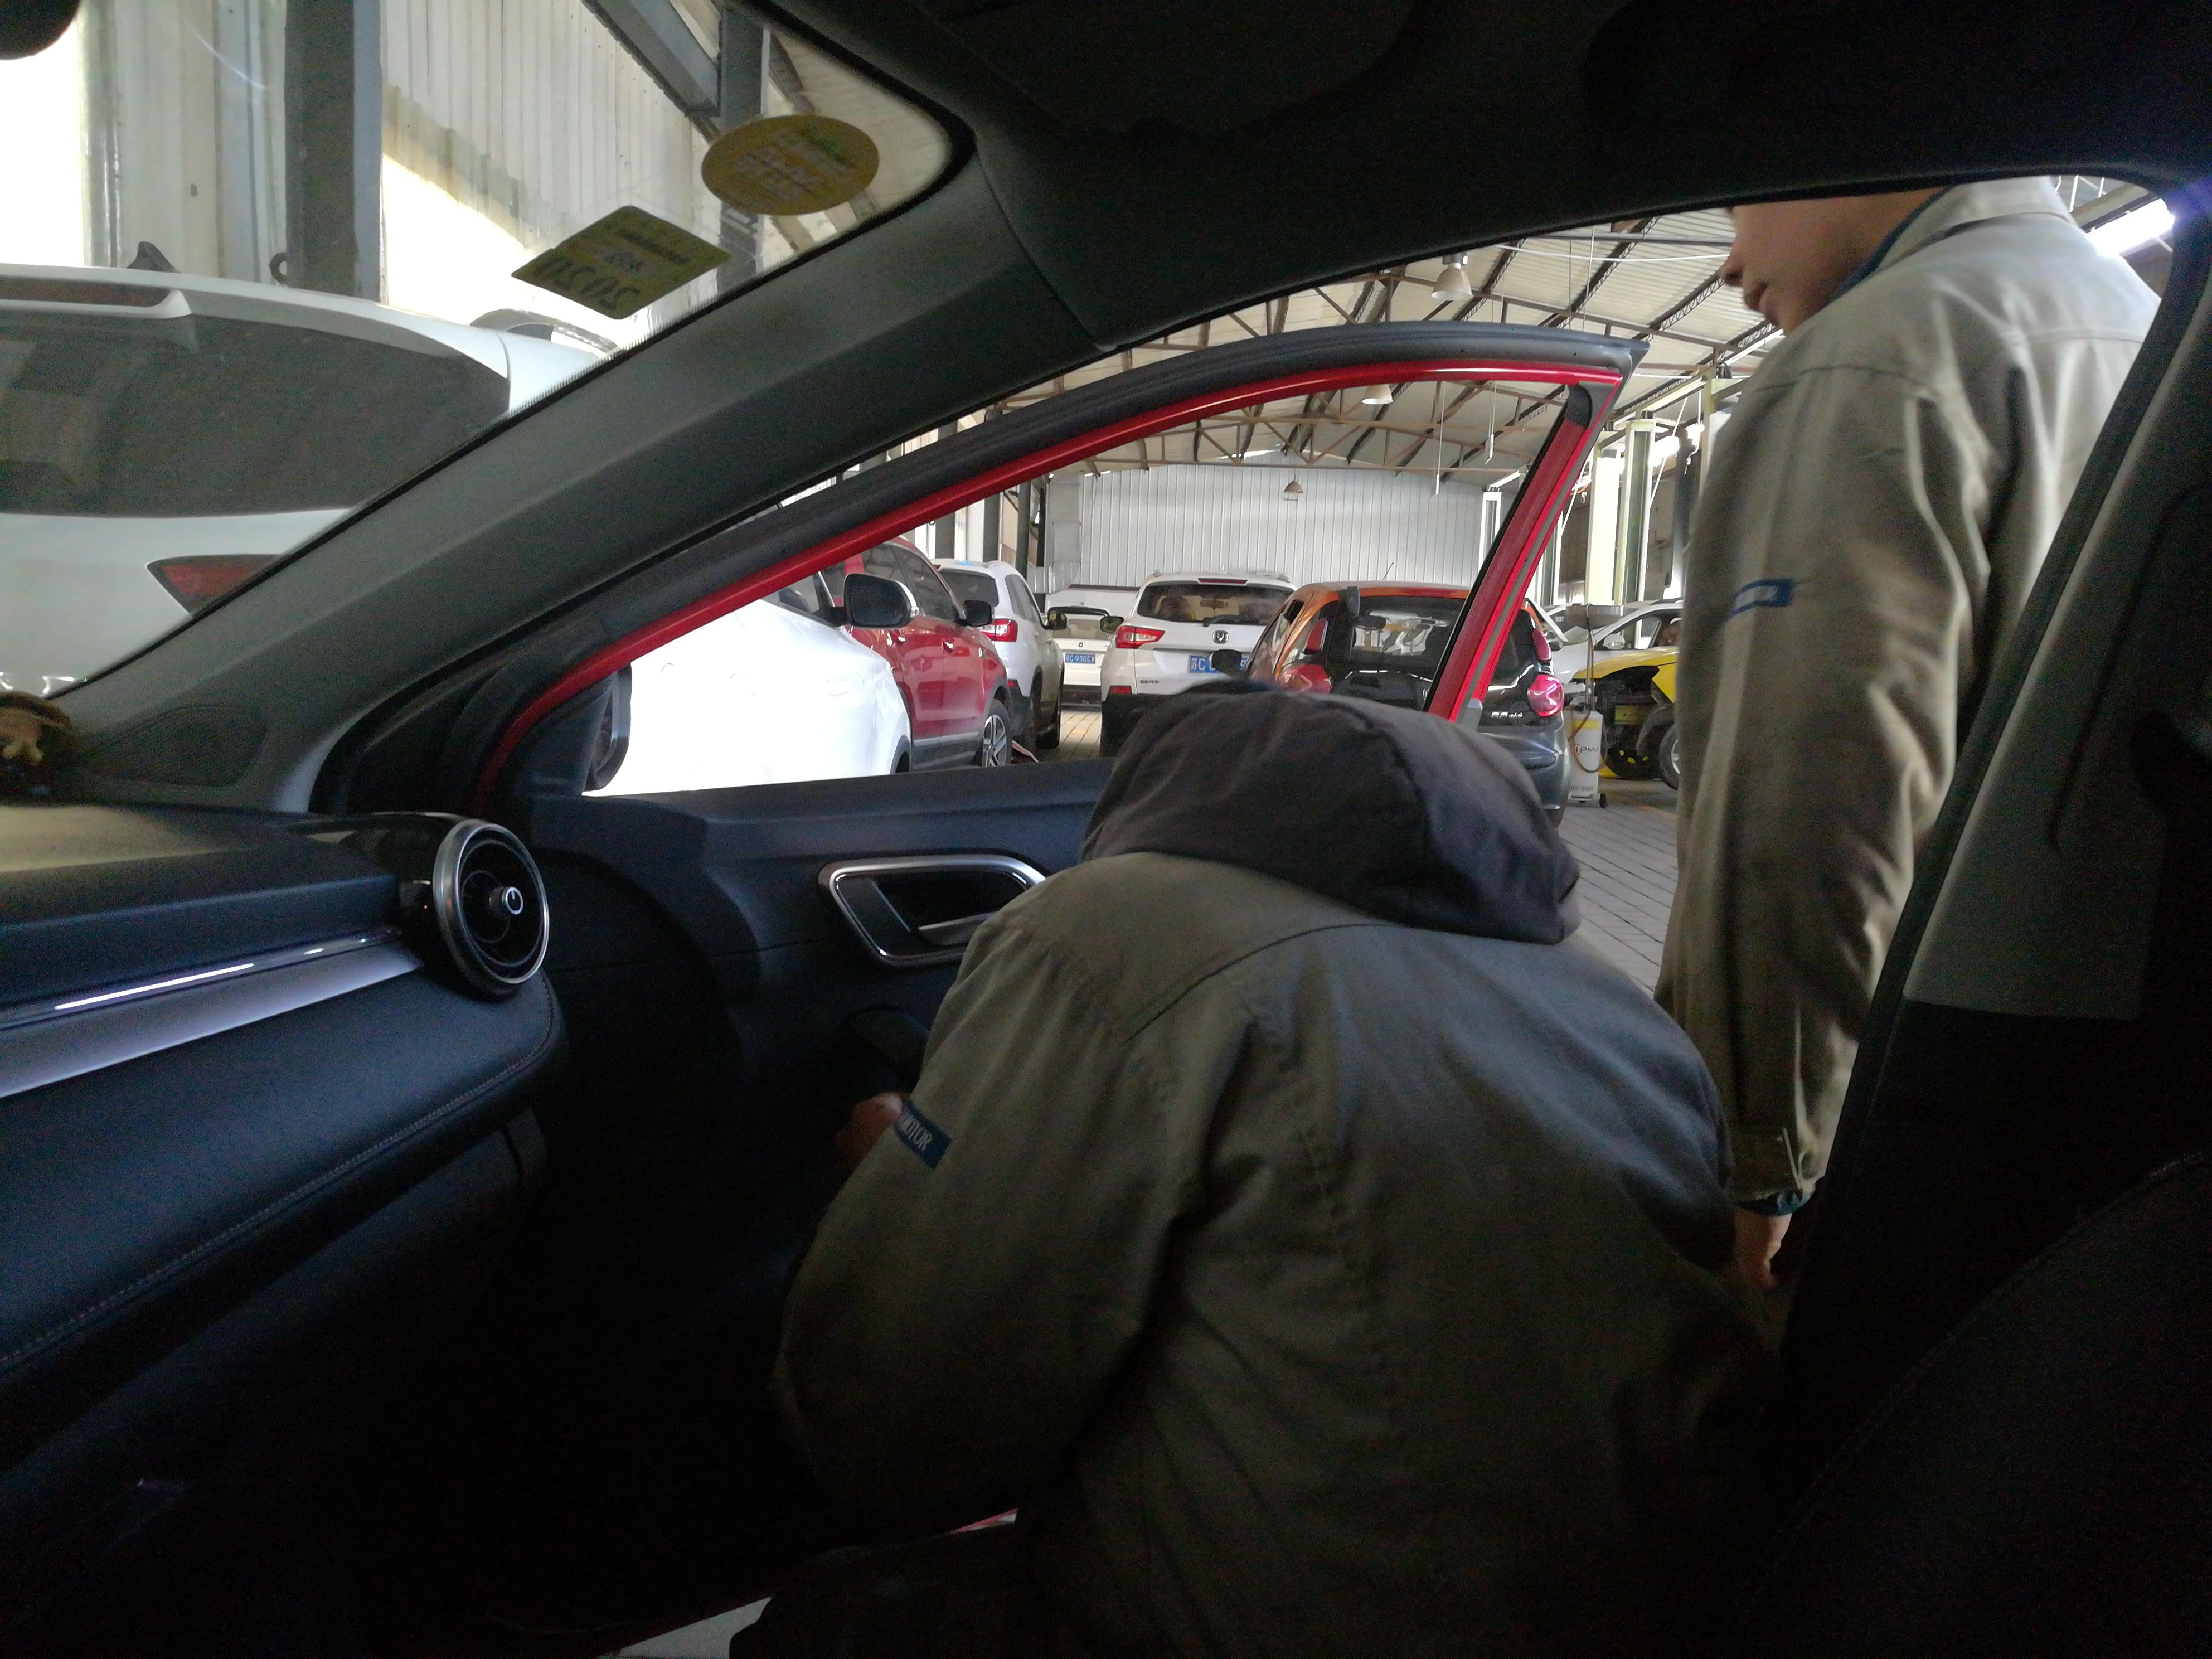 上海汽车-名爵6 车质量不行,售后更差名爵以后你想怎么走